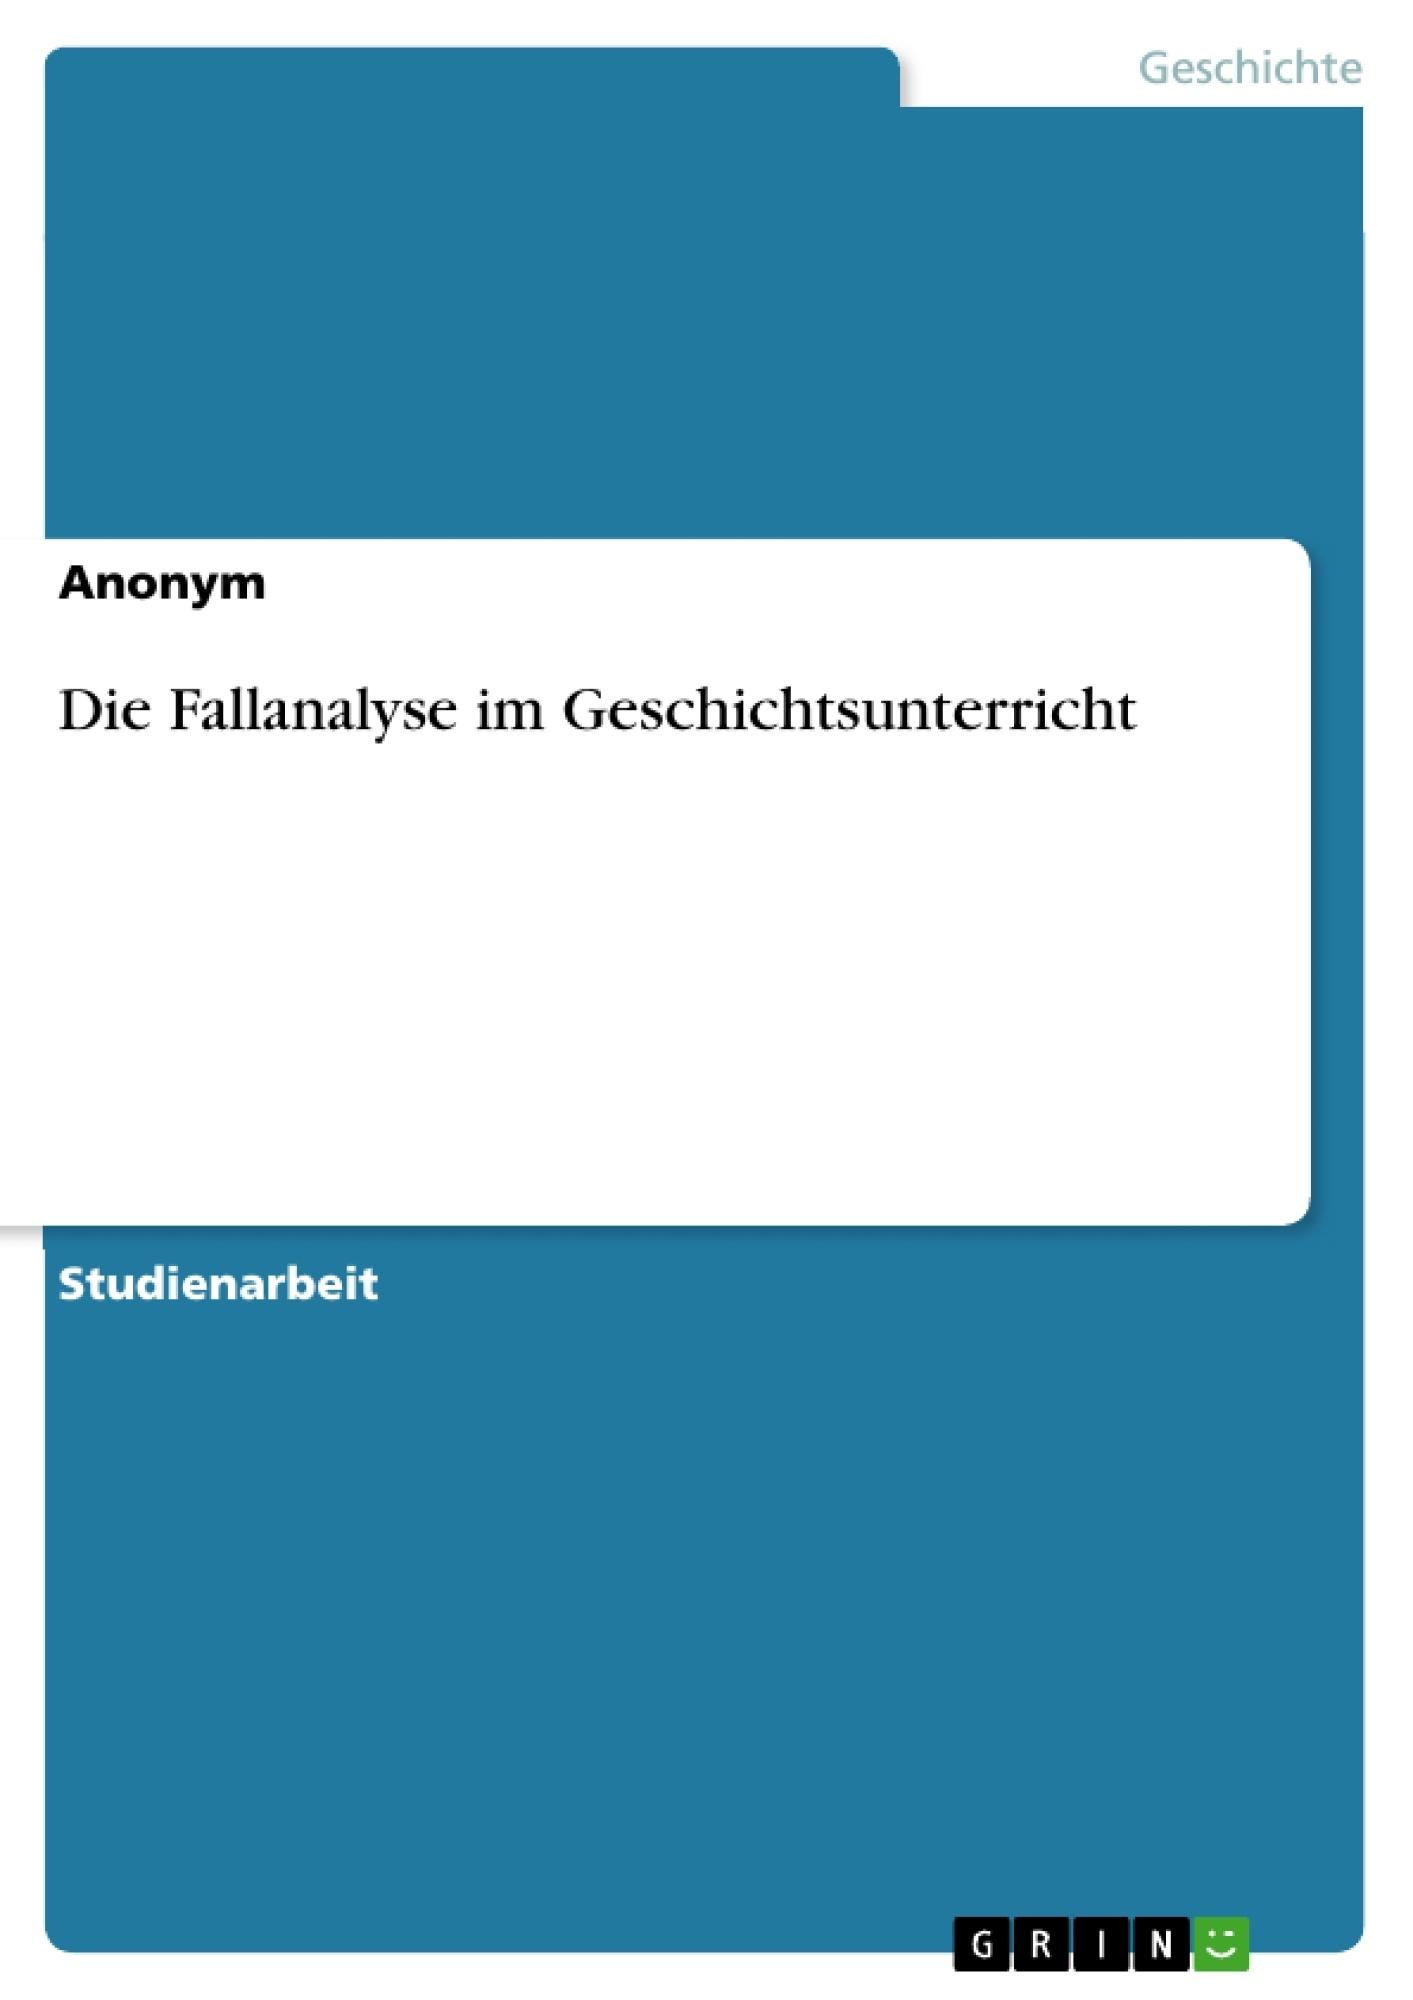 Titel: Die Fallanalyse im Geschichtsunterricht